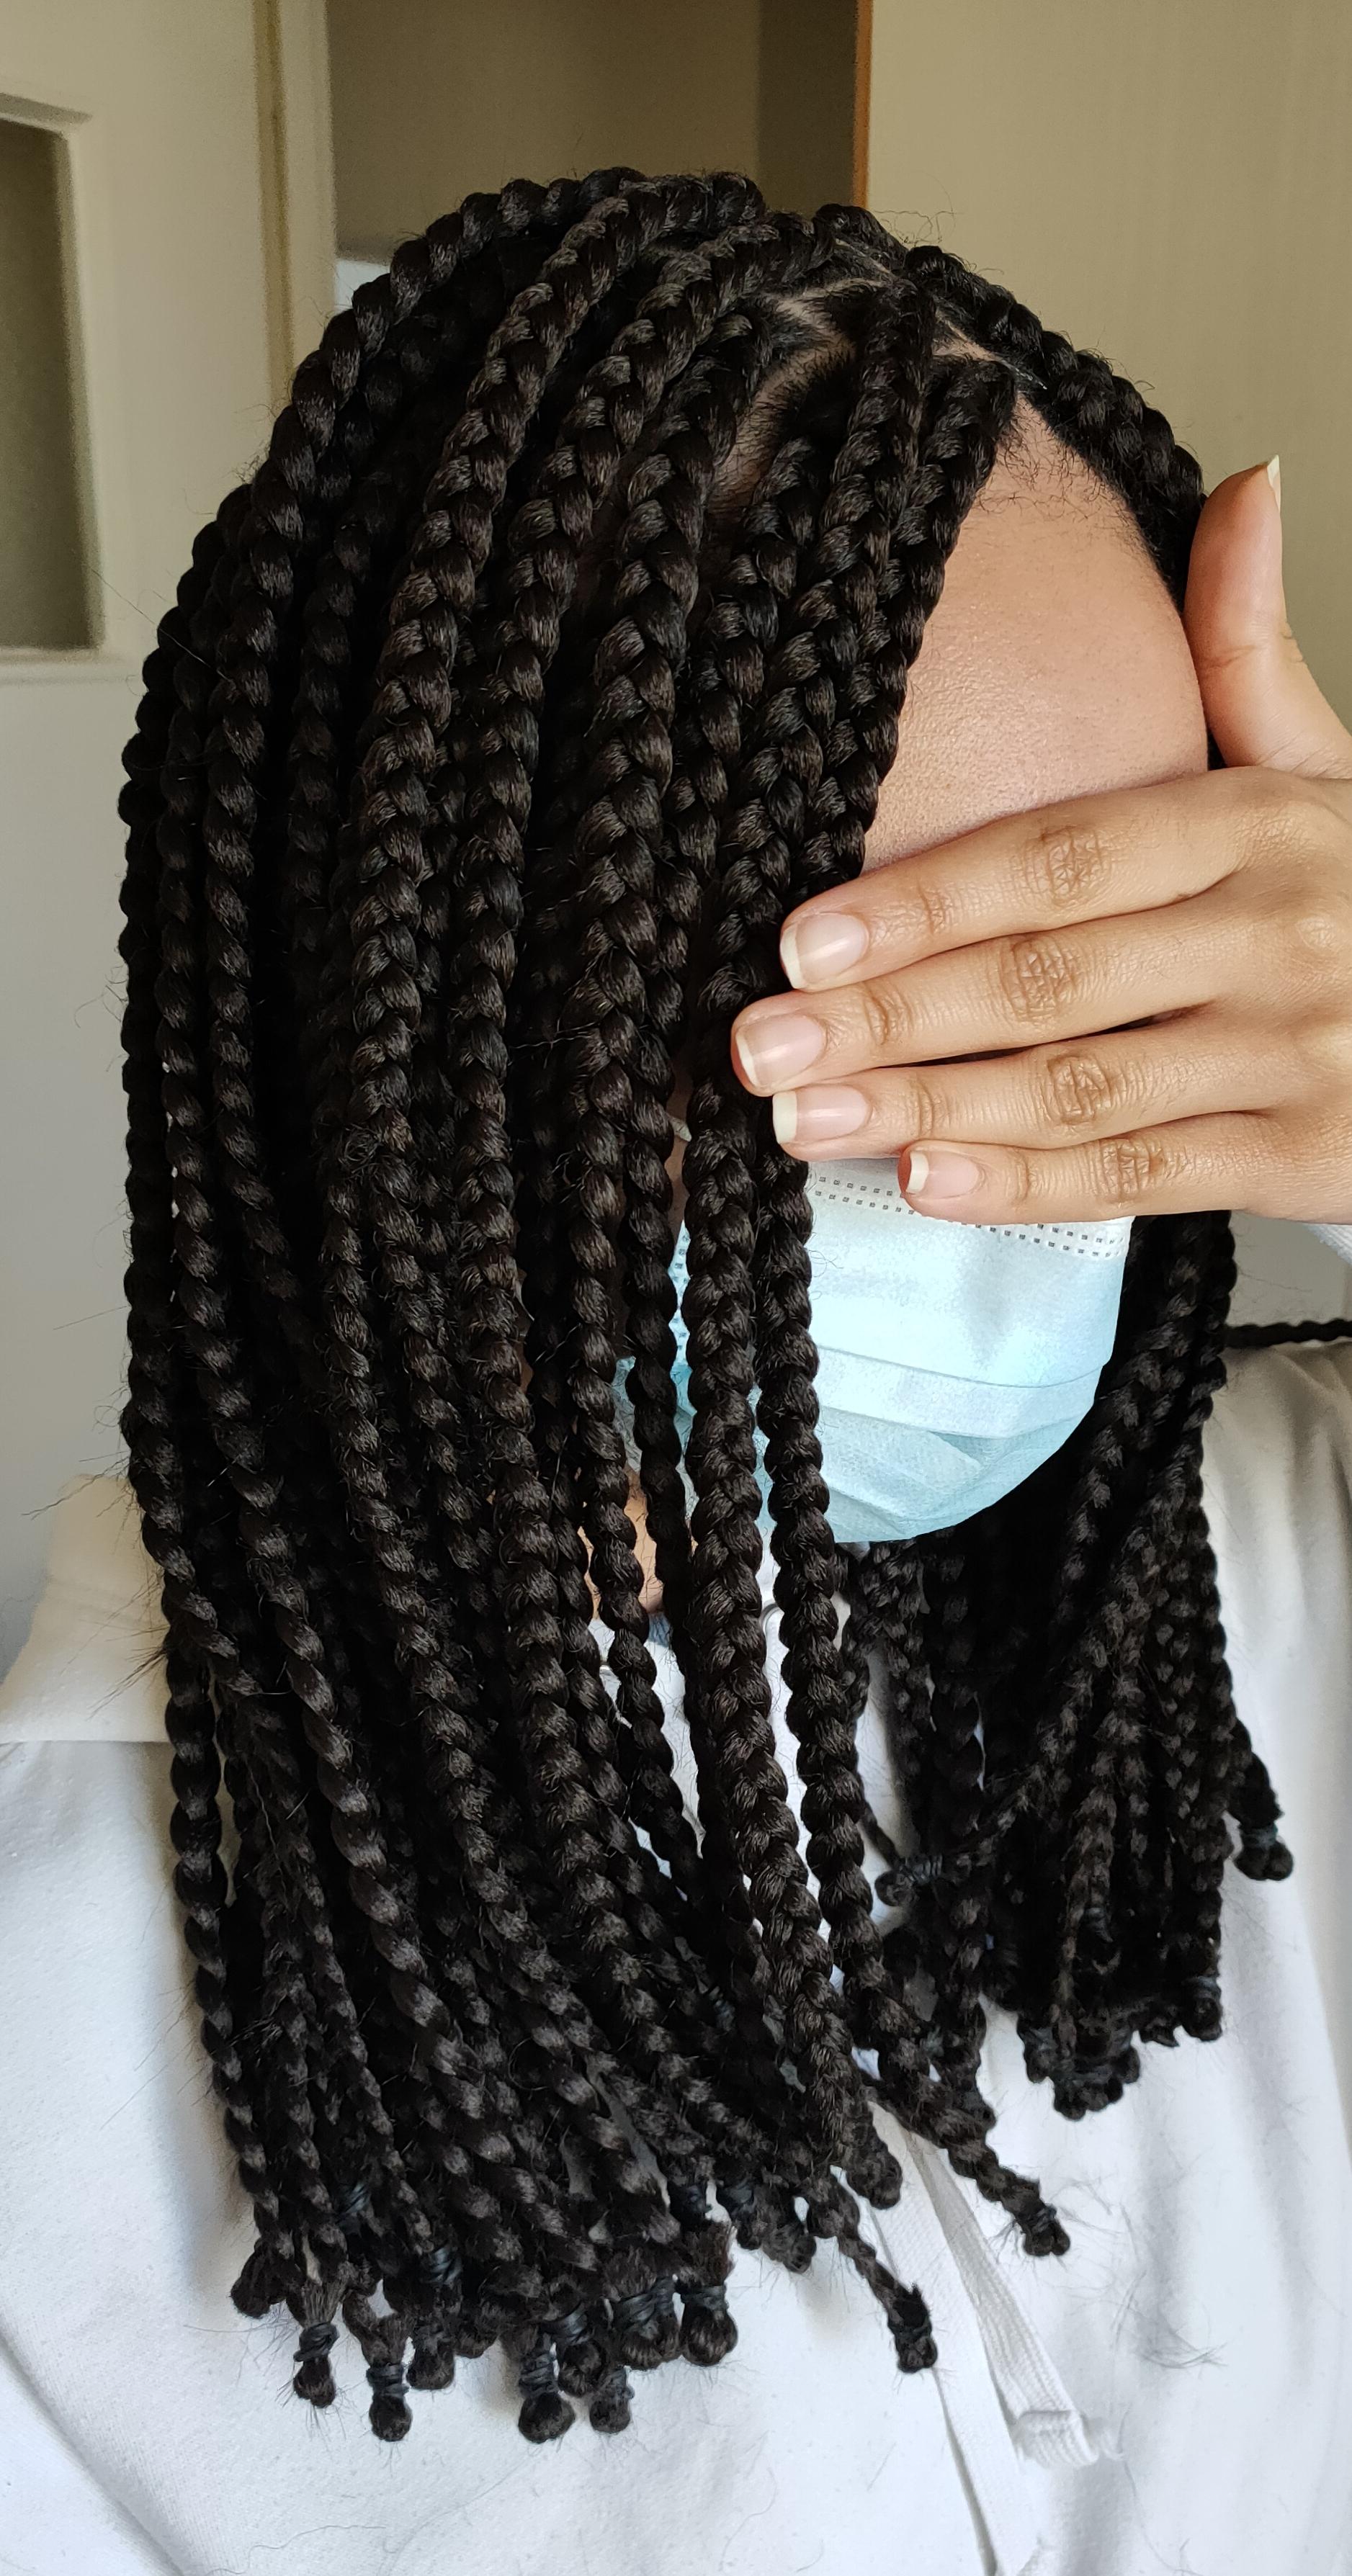 salon de coiffure afro tresse tresses box braids crochet braids vanilles tissages paris 75 77 78 91 92 93 94 95 NIJTRXZA